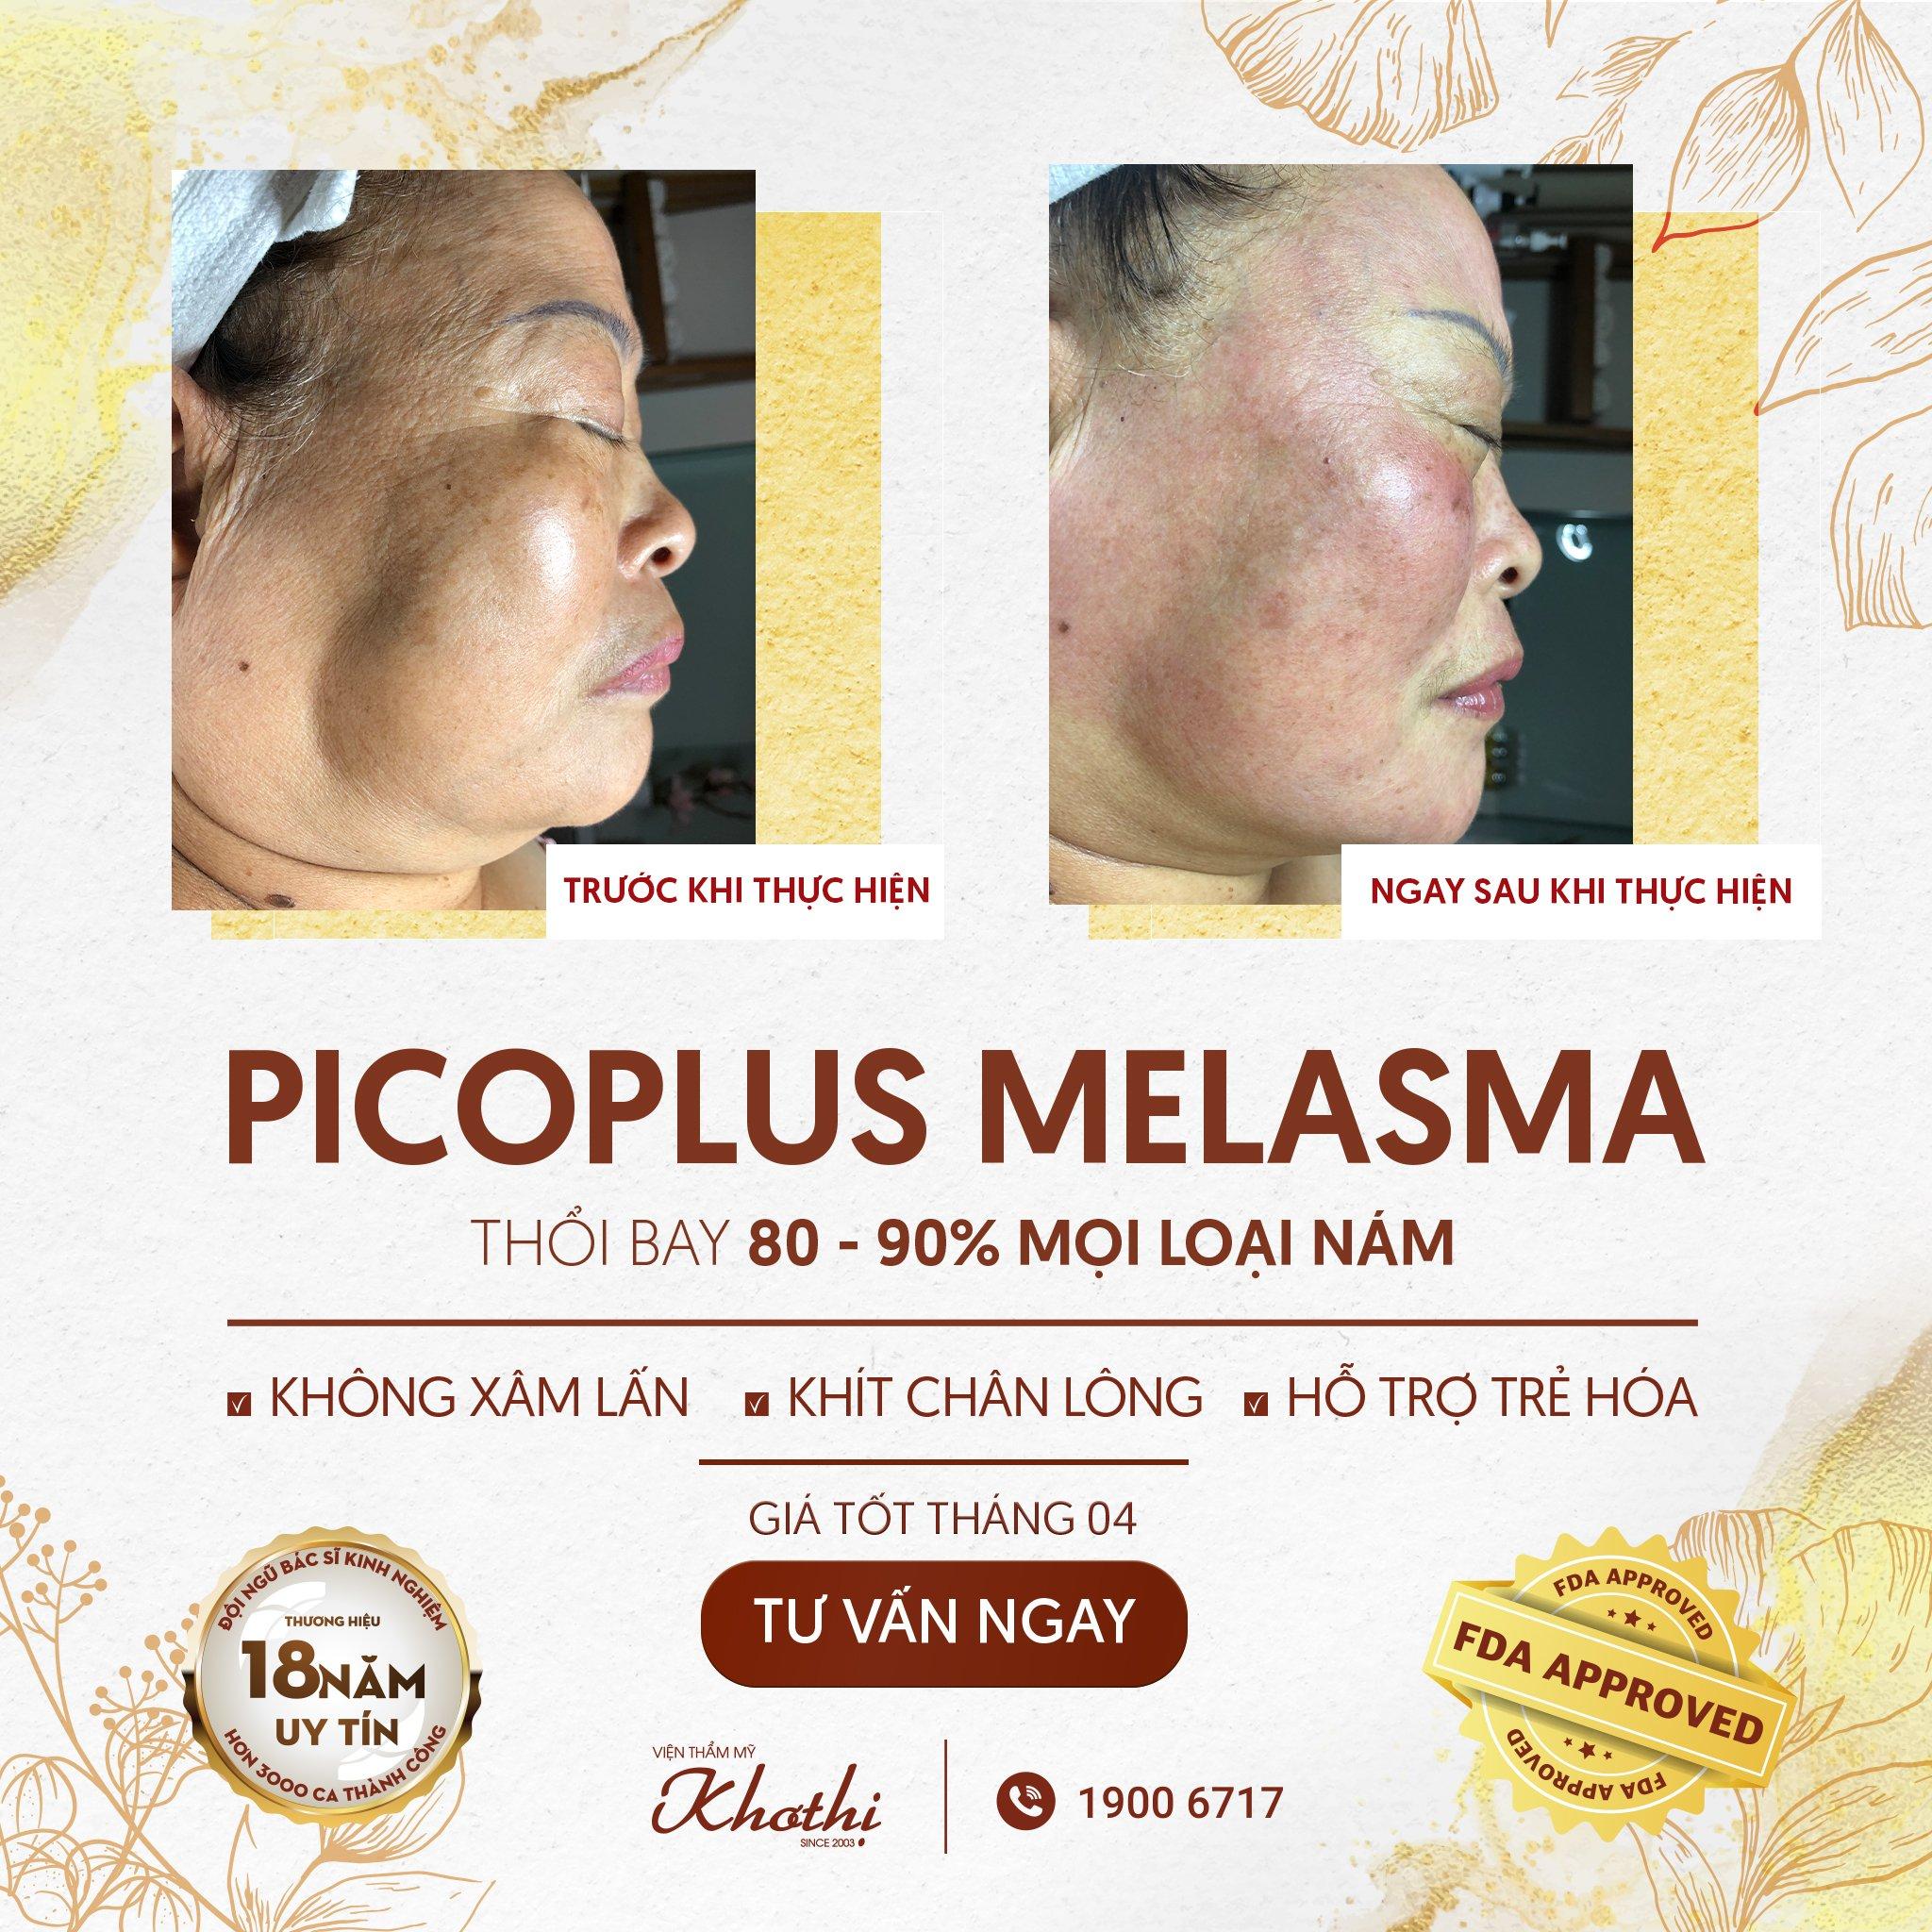 Trị nám triệt để với Picoplus Melasma - Công nghệ #1 thế giới